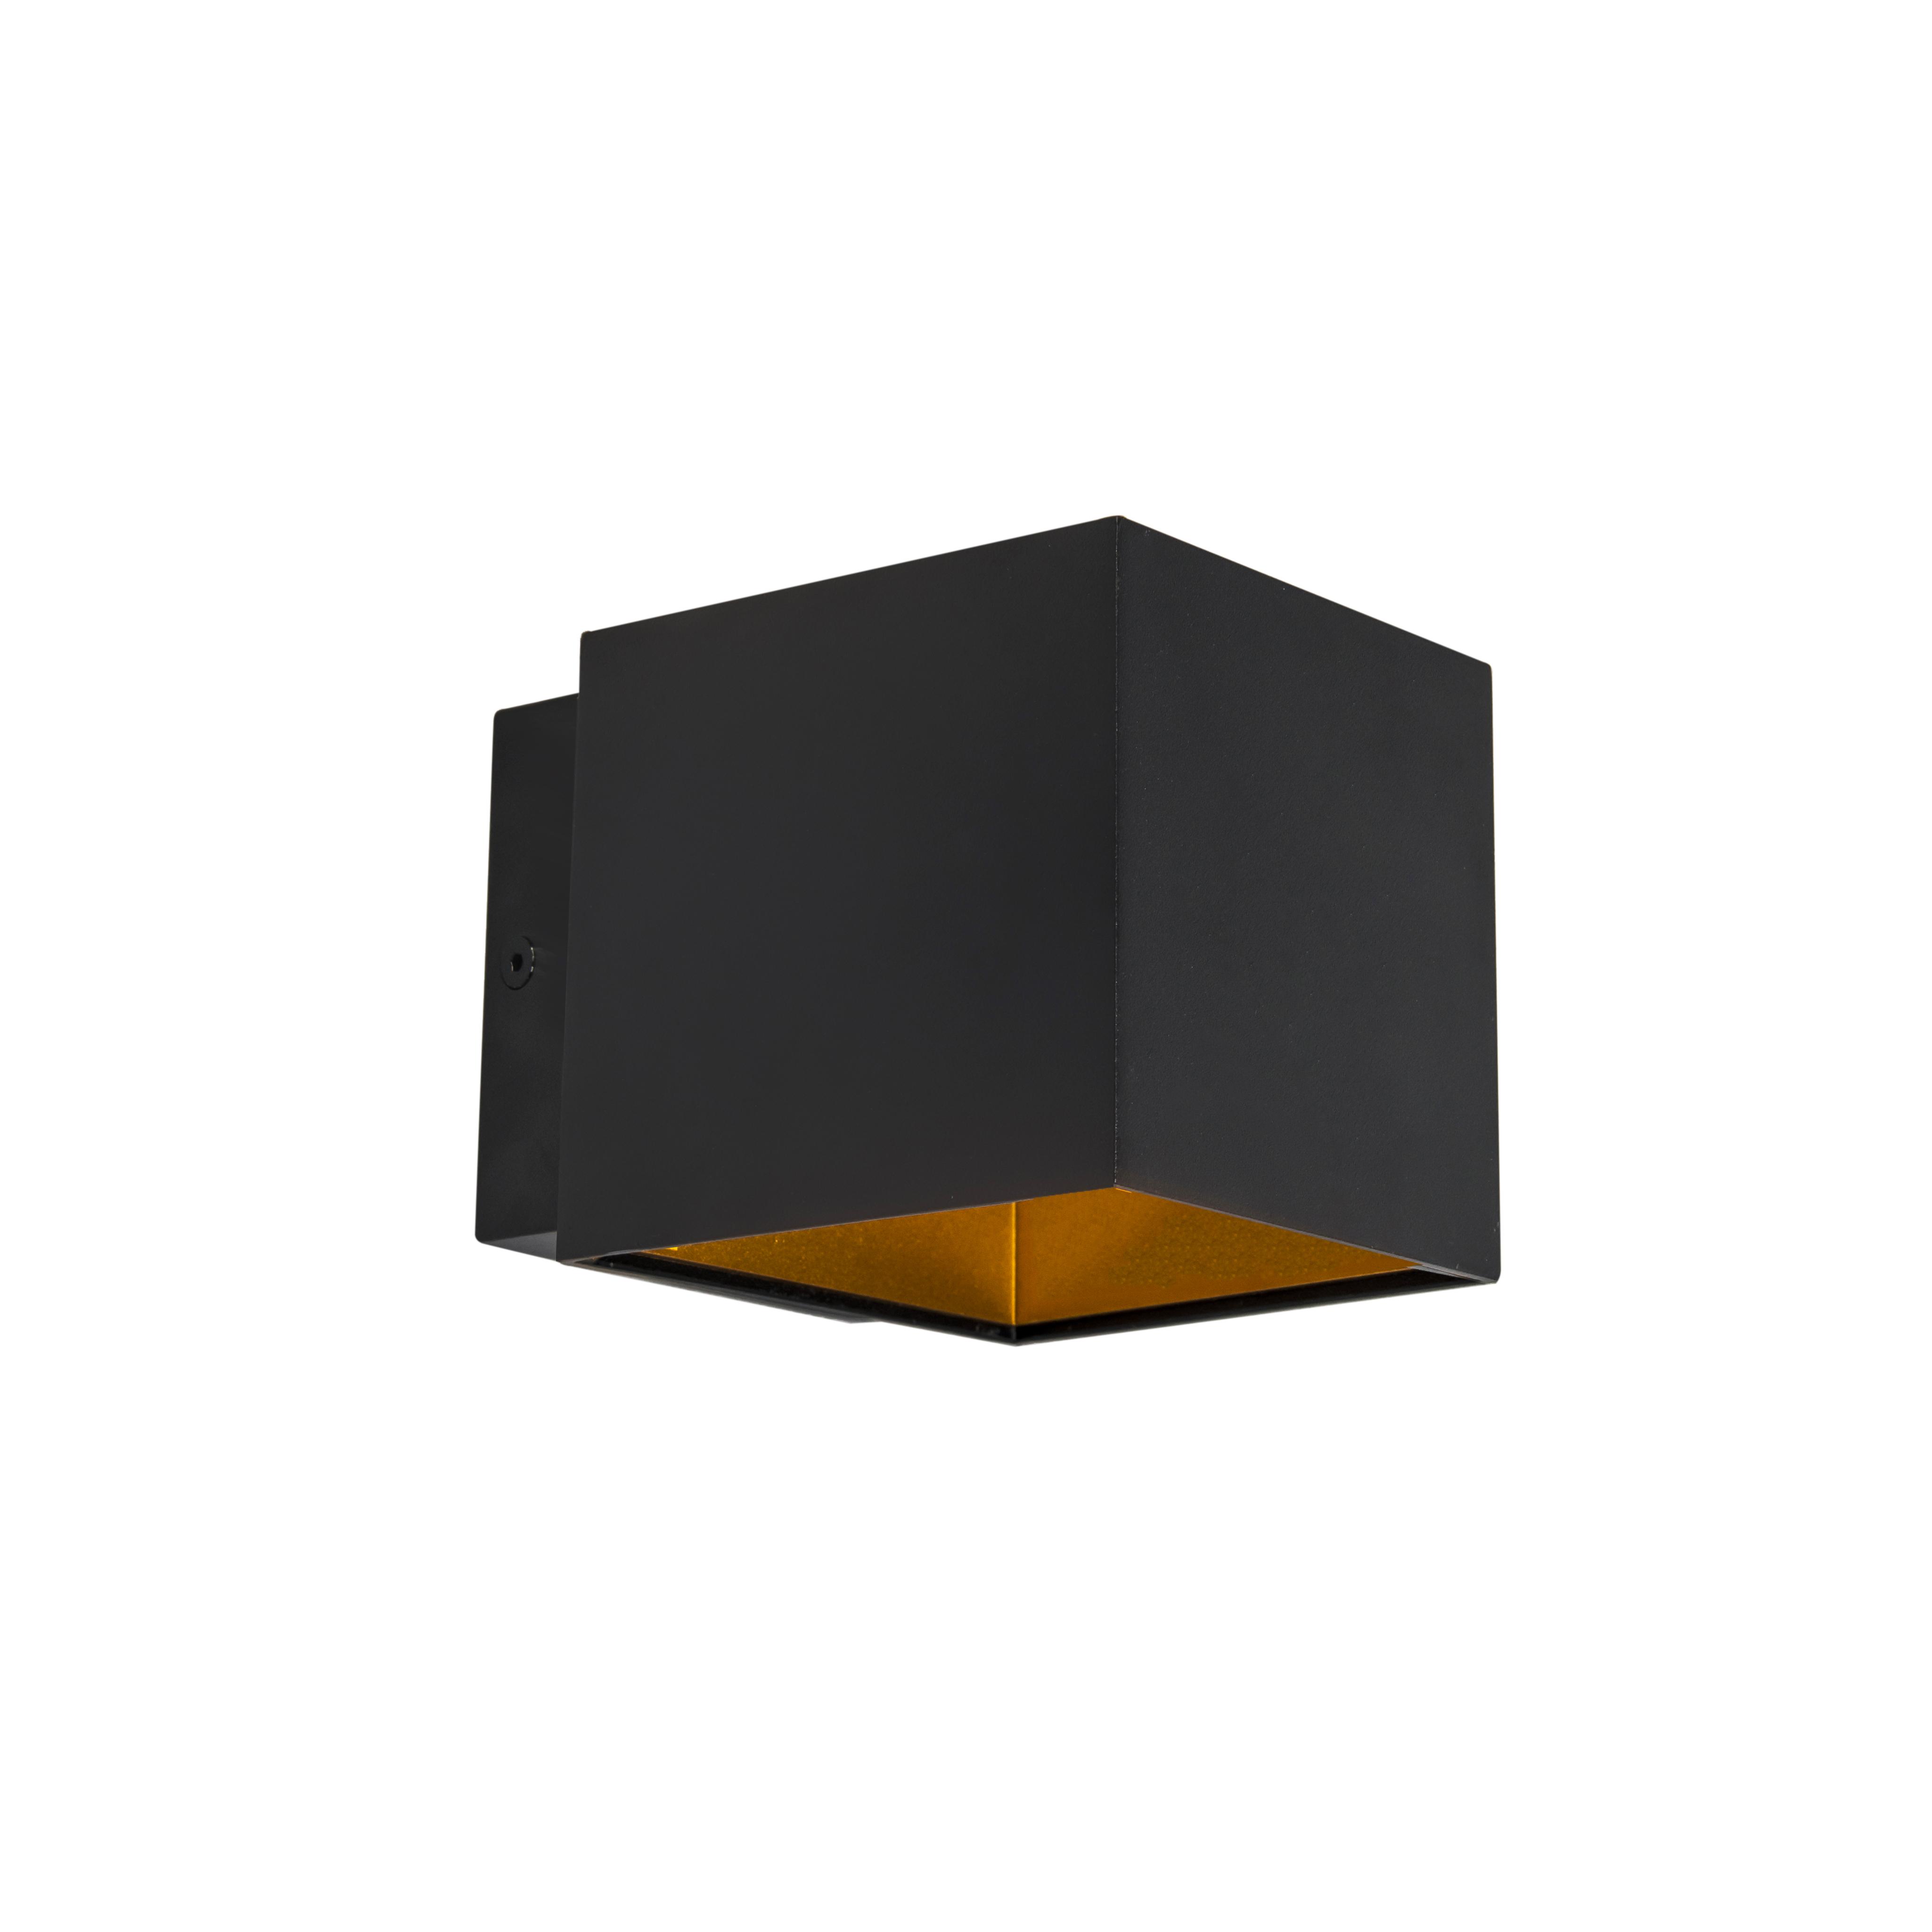 Designerska lampa ścienna czarno-złota w tym LED - Caja